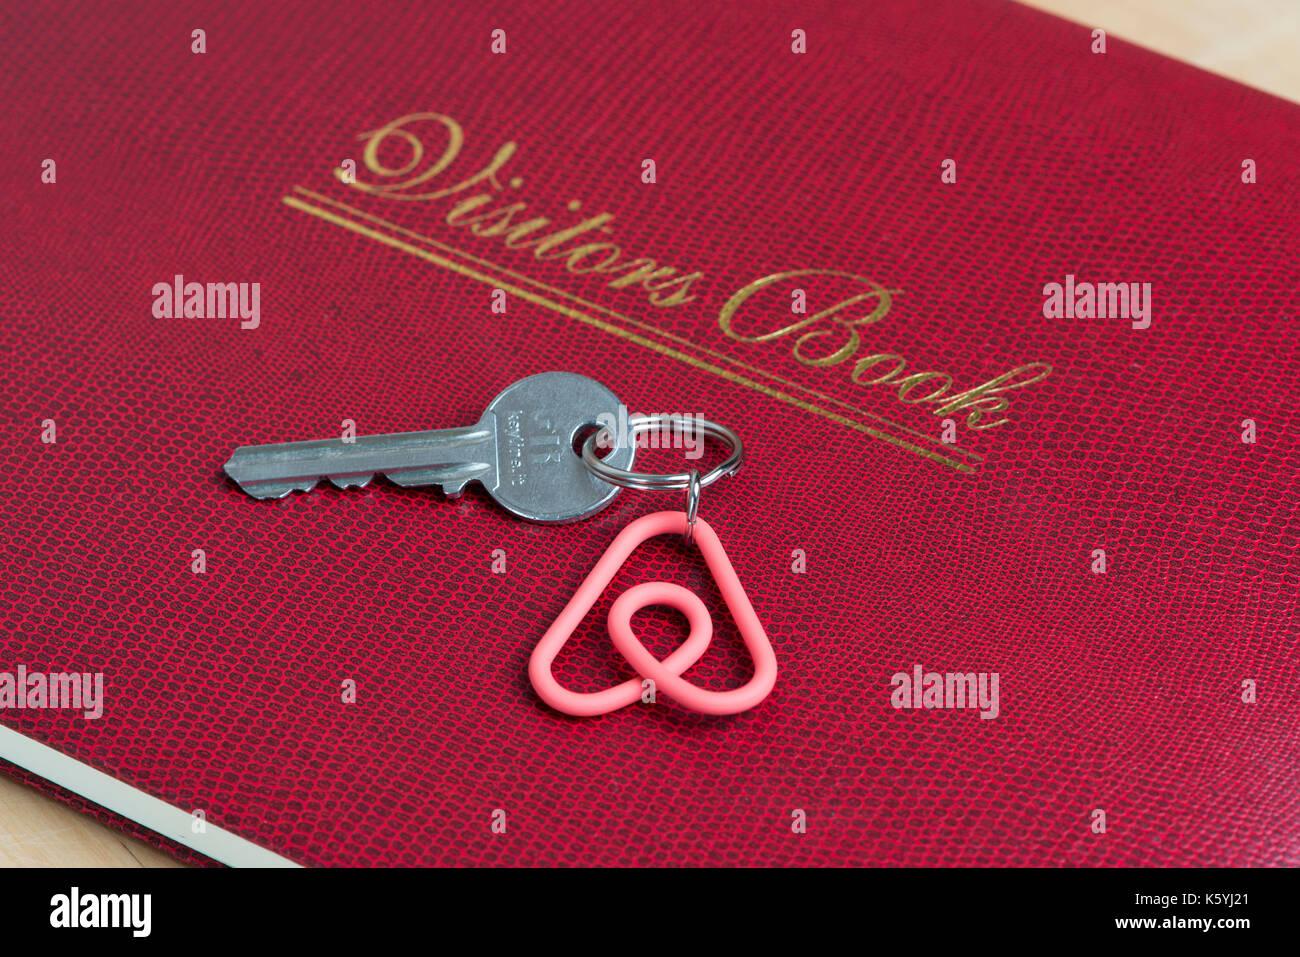 Un porte-clés avec le logo Airbnb Belo repose sur un livre des hôtes dans un appartement à louer. Photo Stock